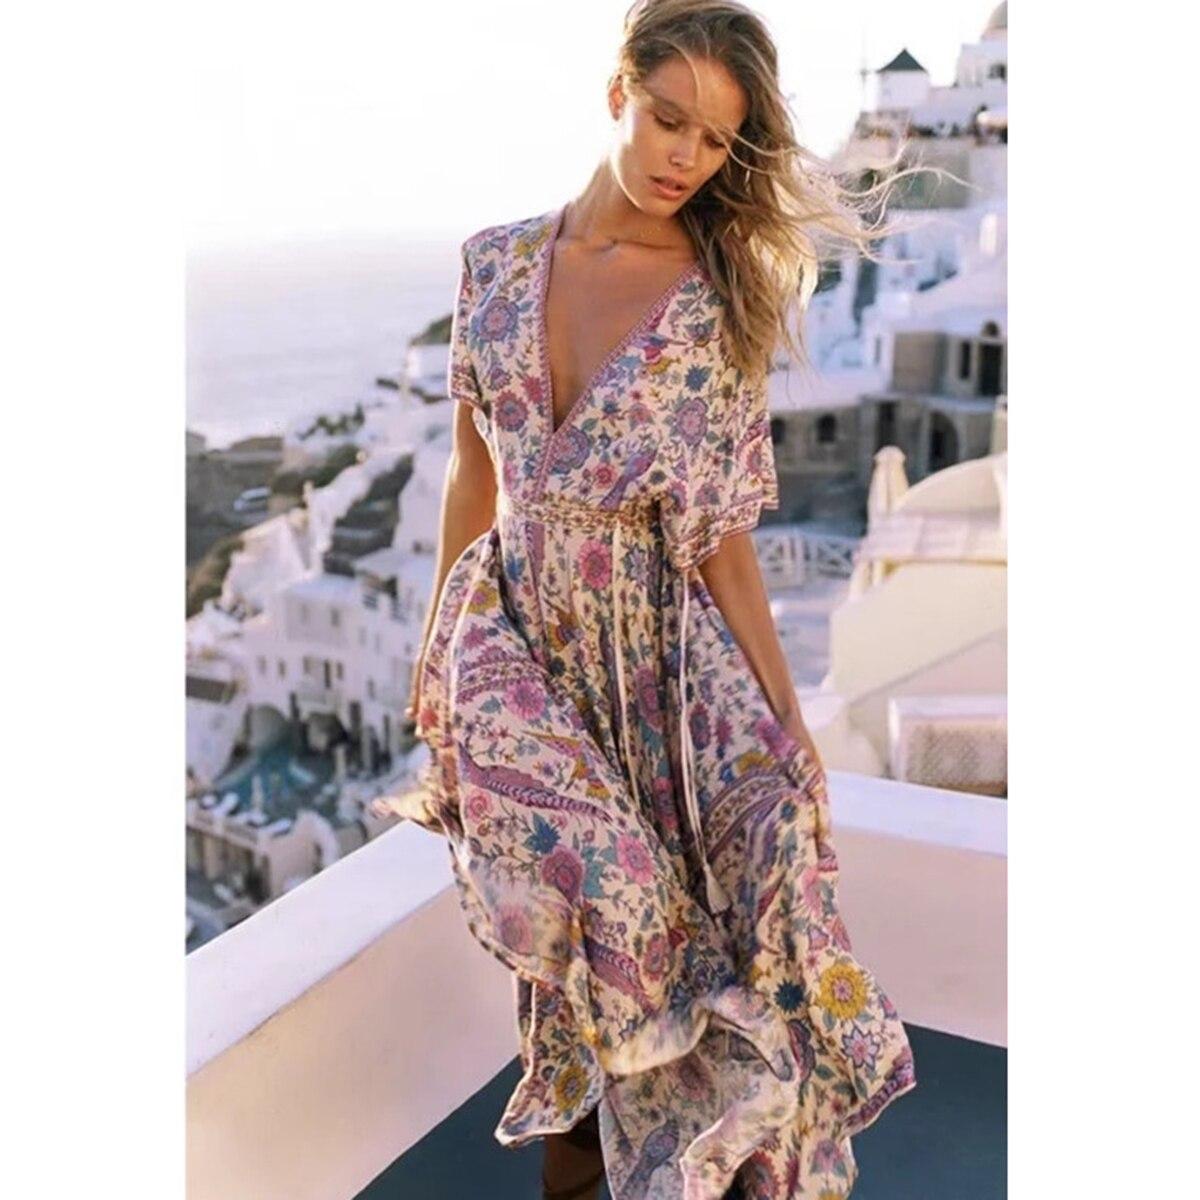 380e5803828 Lovebird rétro Boho Maxi robe femmes 2019 été à manches courtes col rond  Chic Sexy robe gros ourlet imprimé Floral plage Hippie longue robe